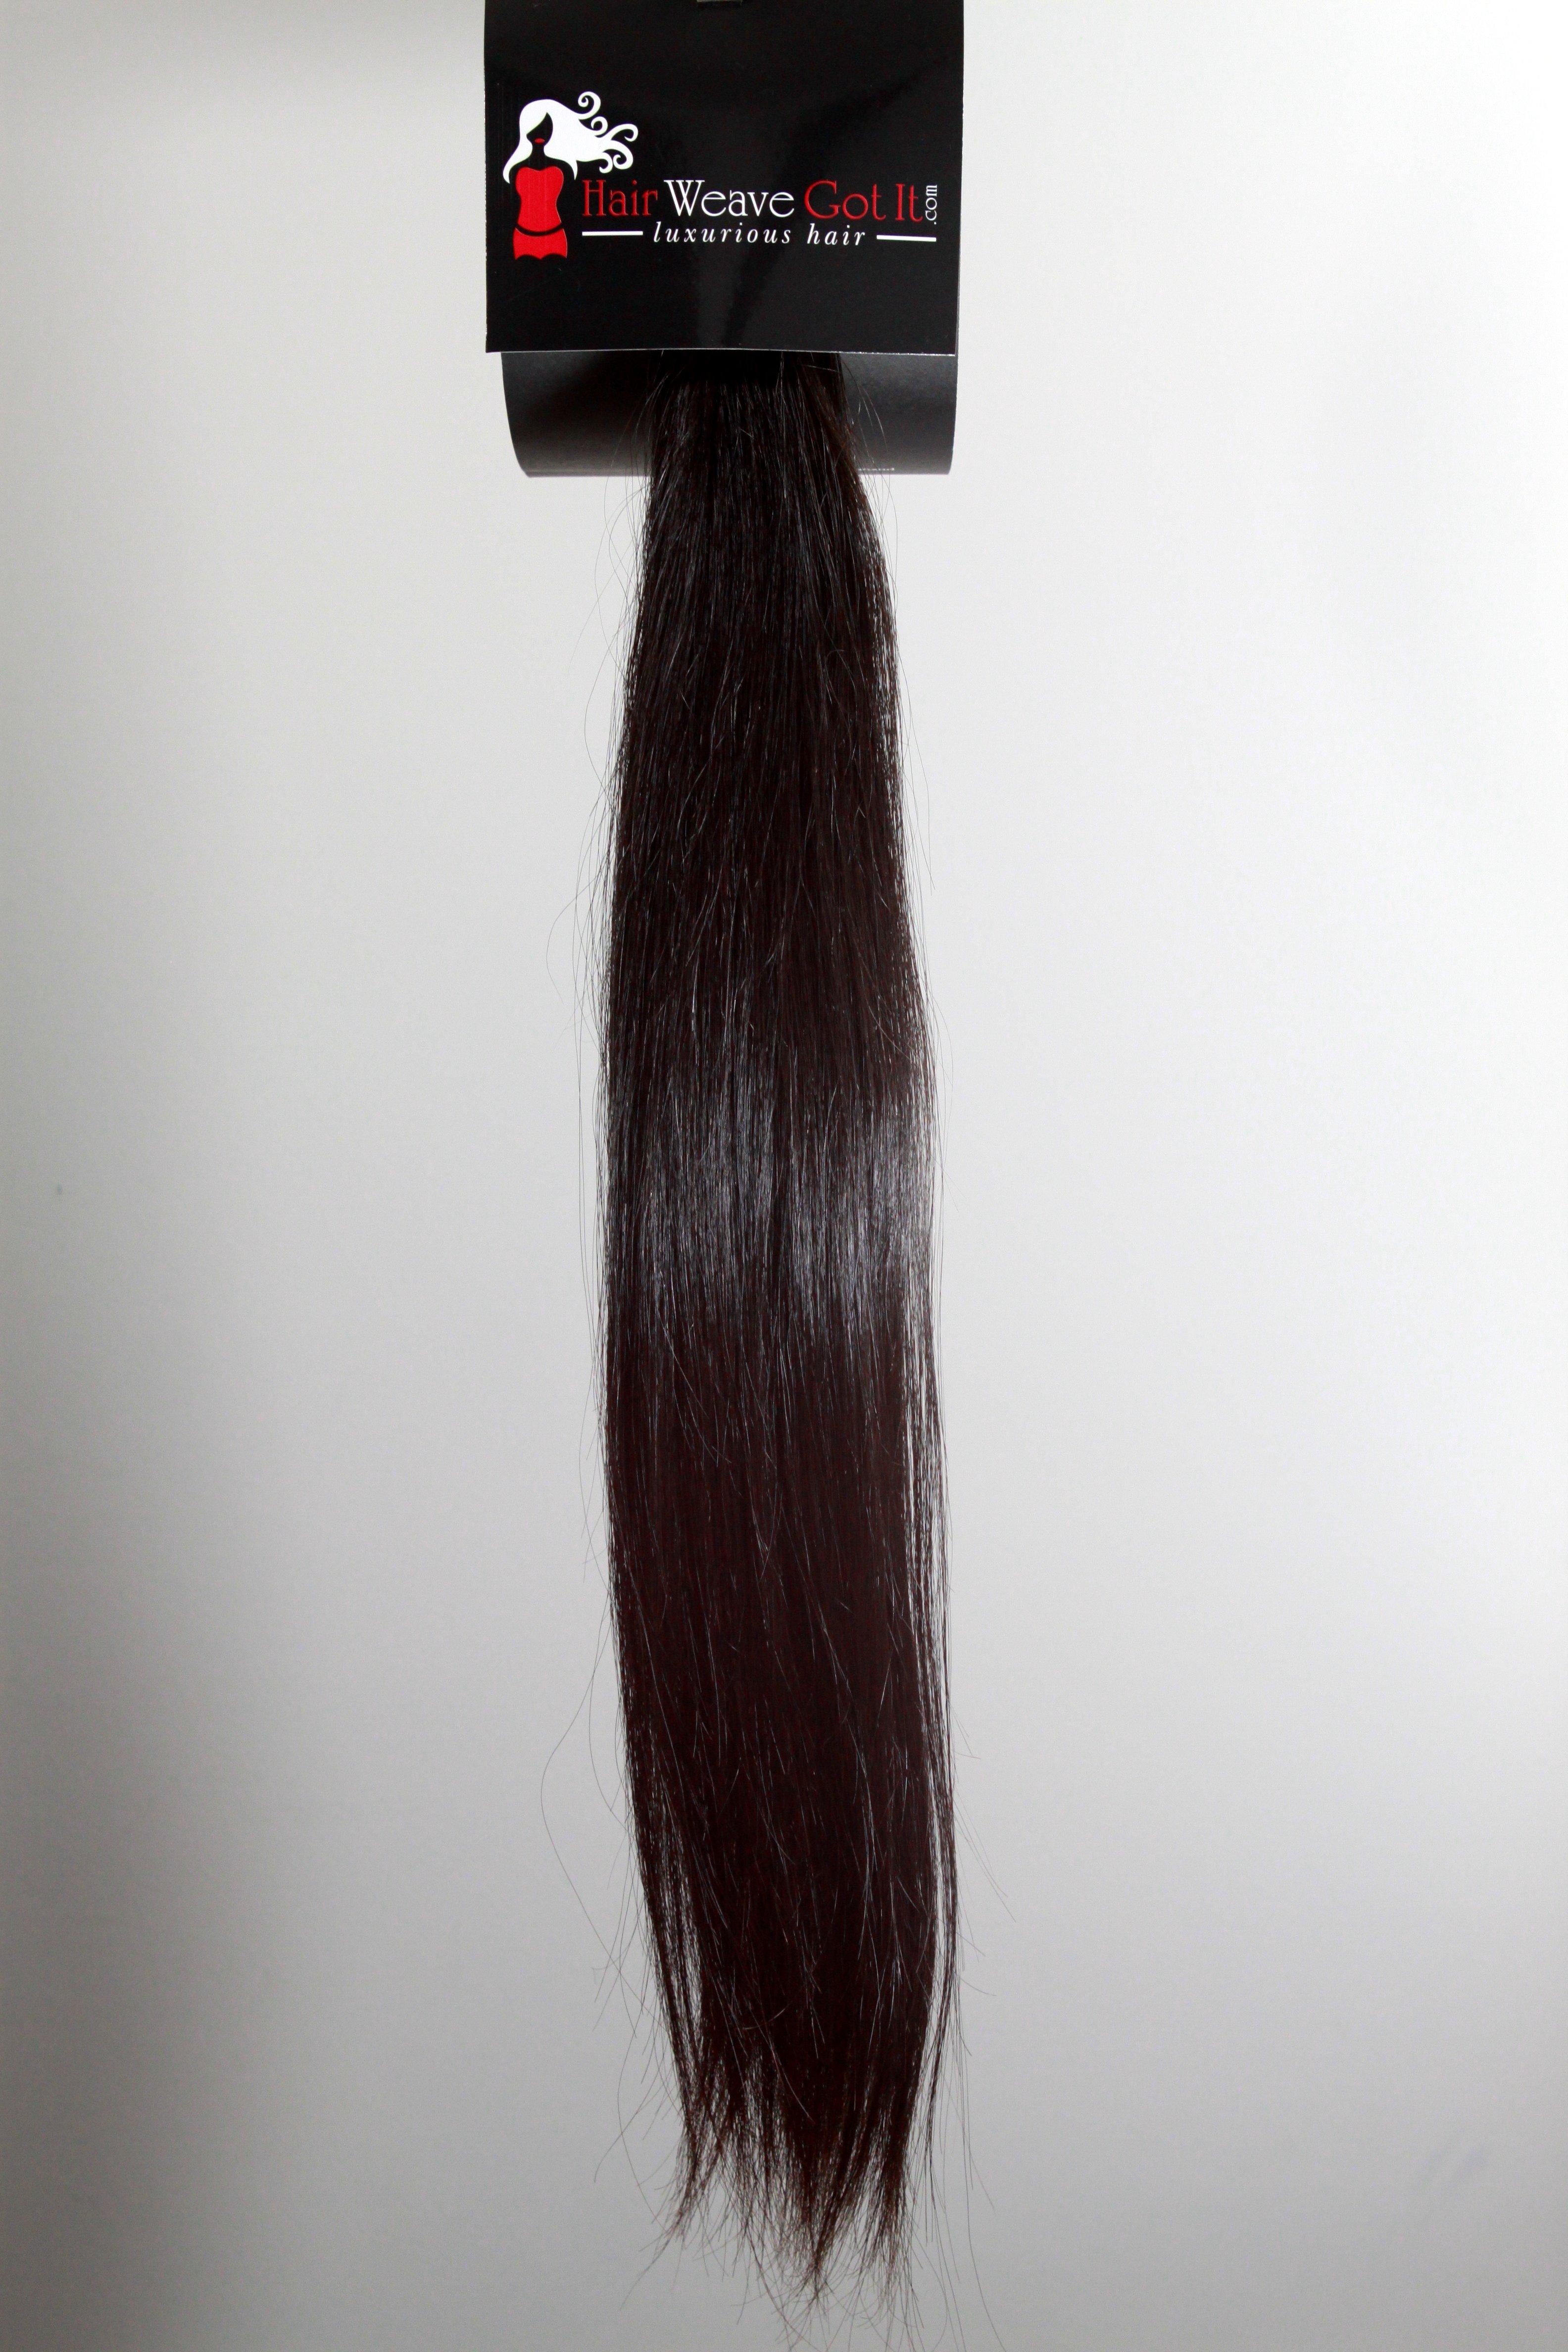 Filipino Rawvirgin Natural Straight Hair Weave Got It